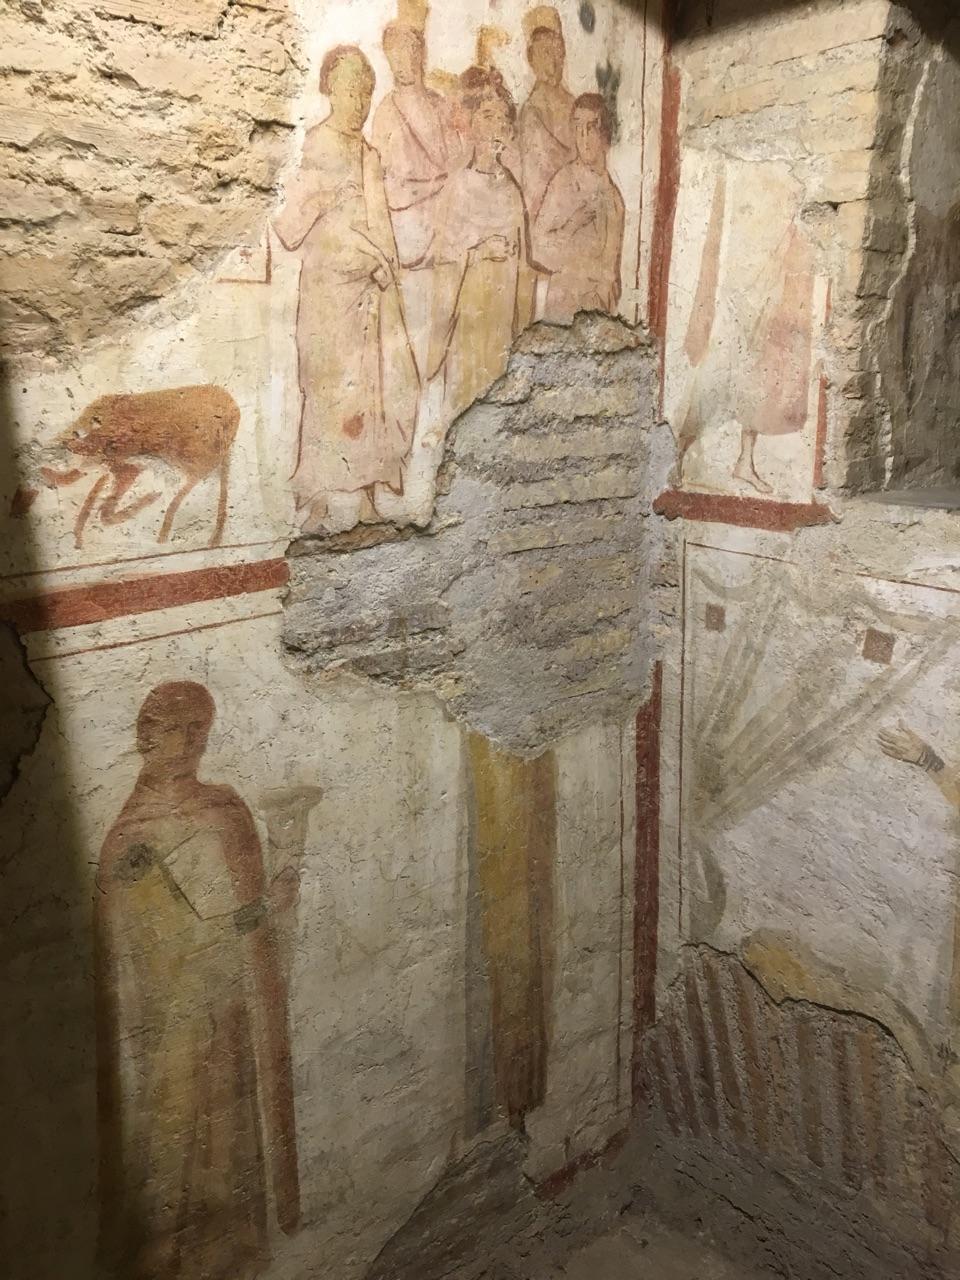 Las casas romanas del Celio, Roma Martir11